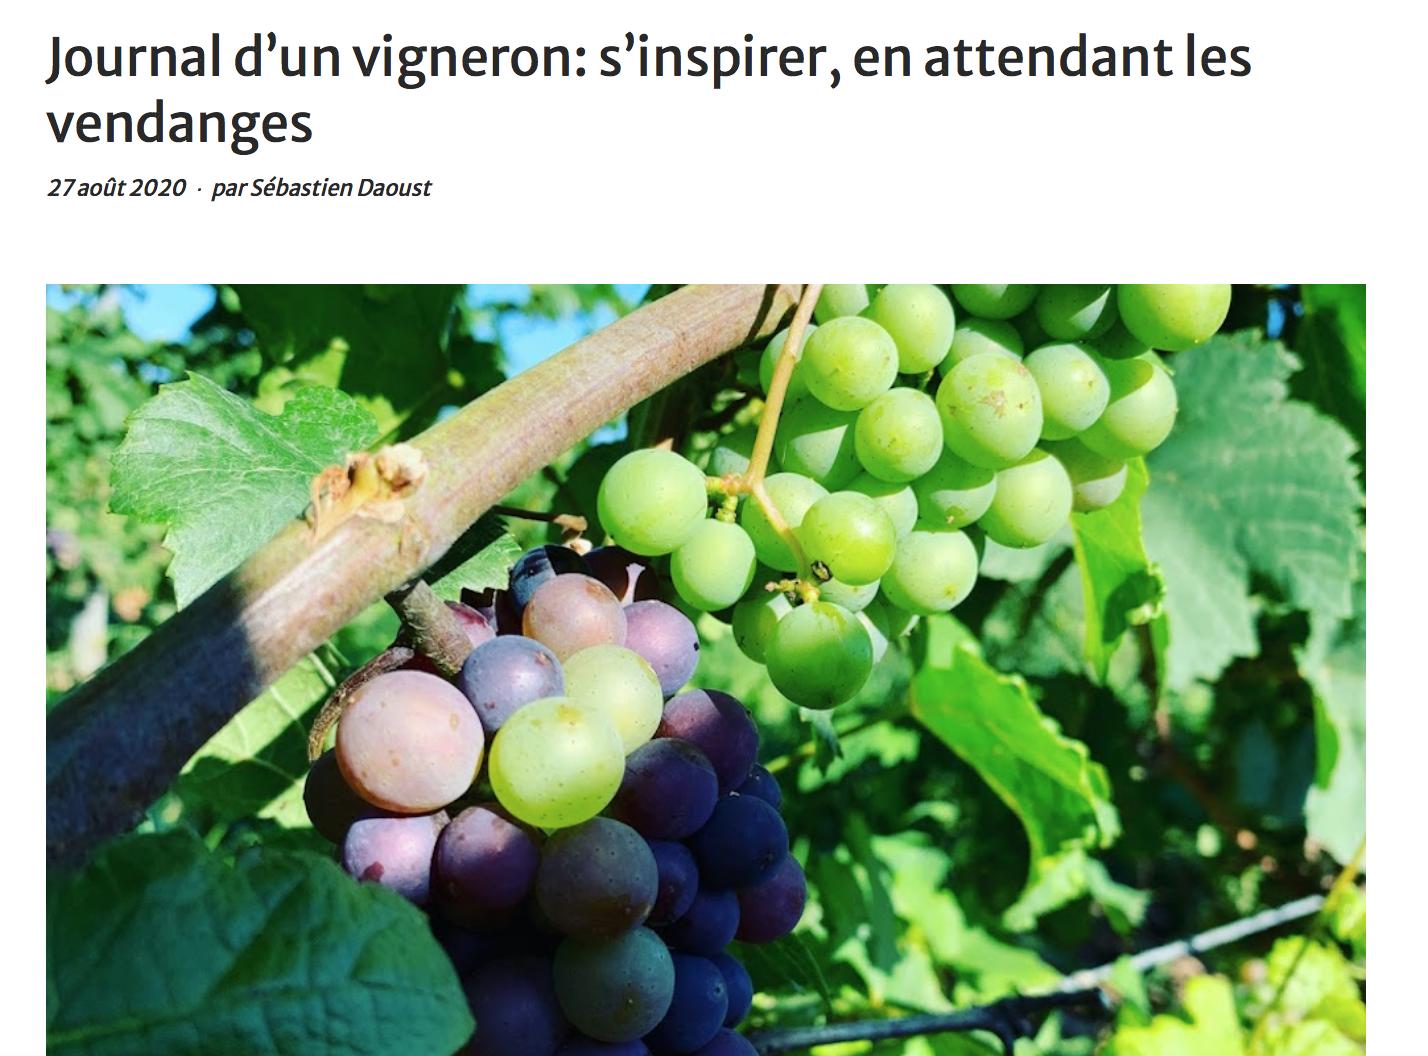 Journal d'un vigneron